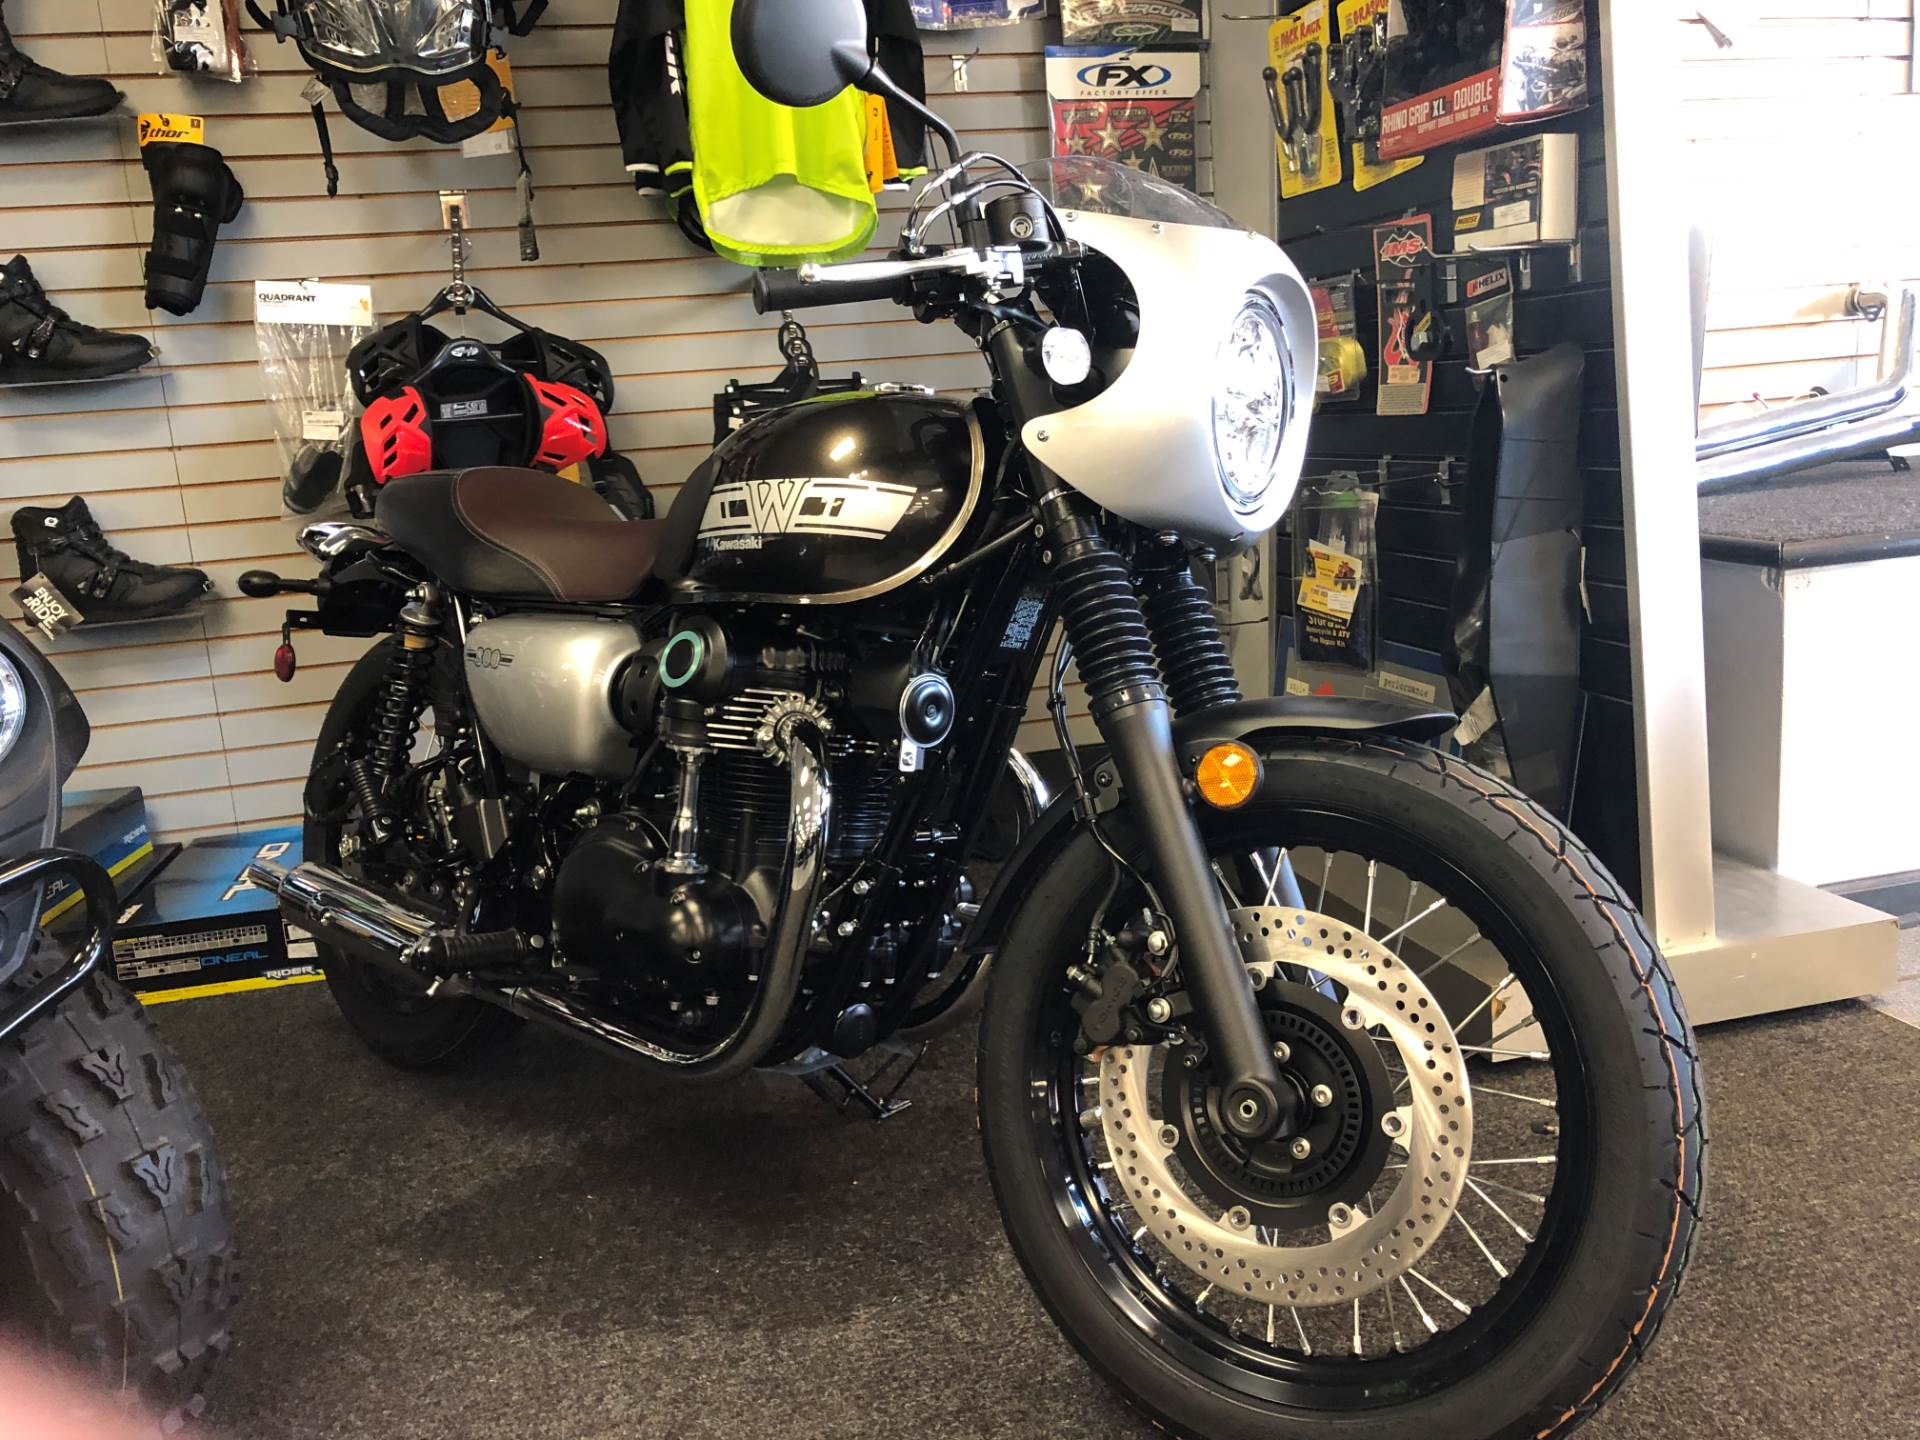 New 2019 Kawasaki W800 Cafe Motorcycles In Highland Springs Va